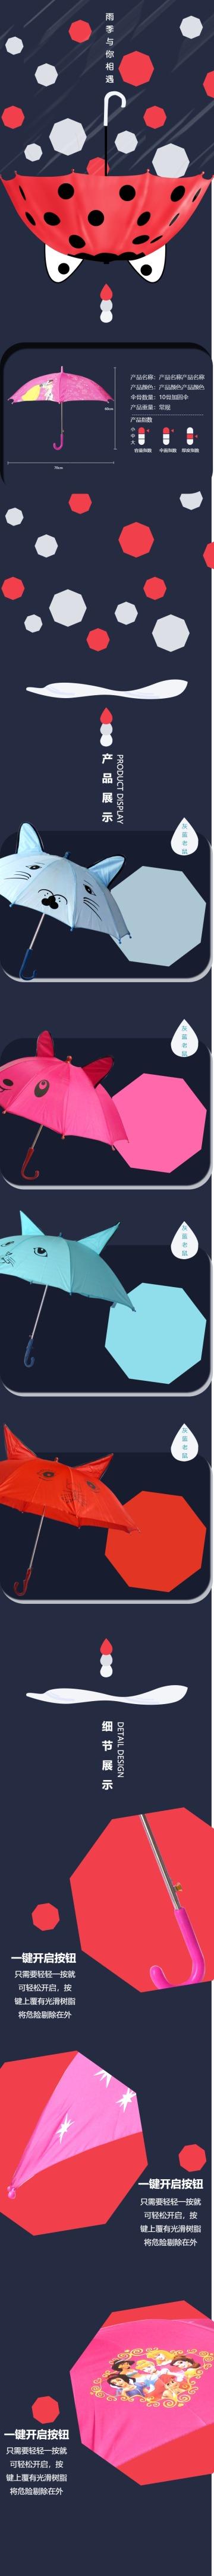 卡通可爱百货零售家居生活儿童雨伞促销电商详情页